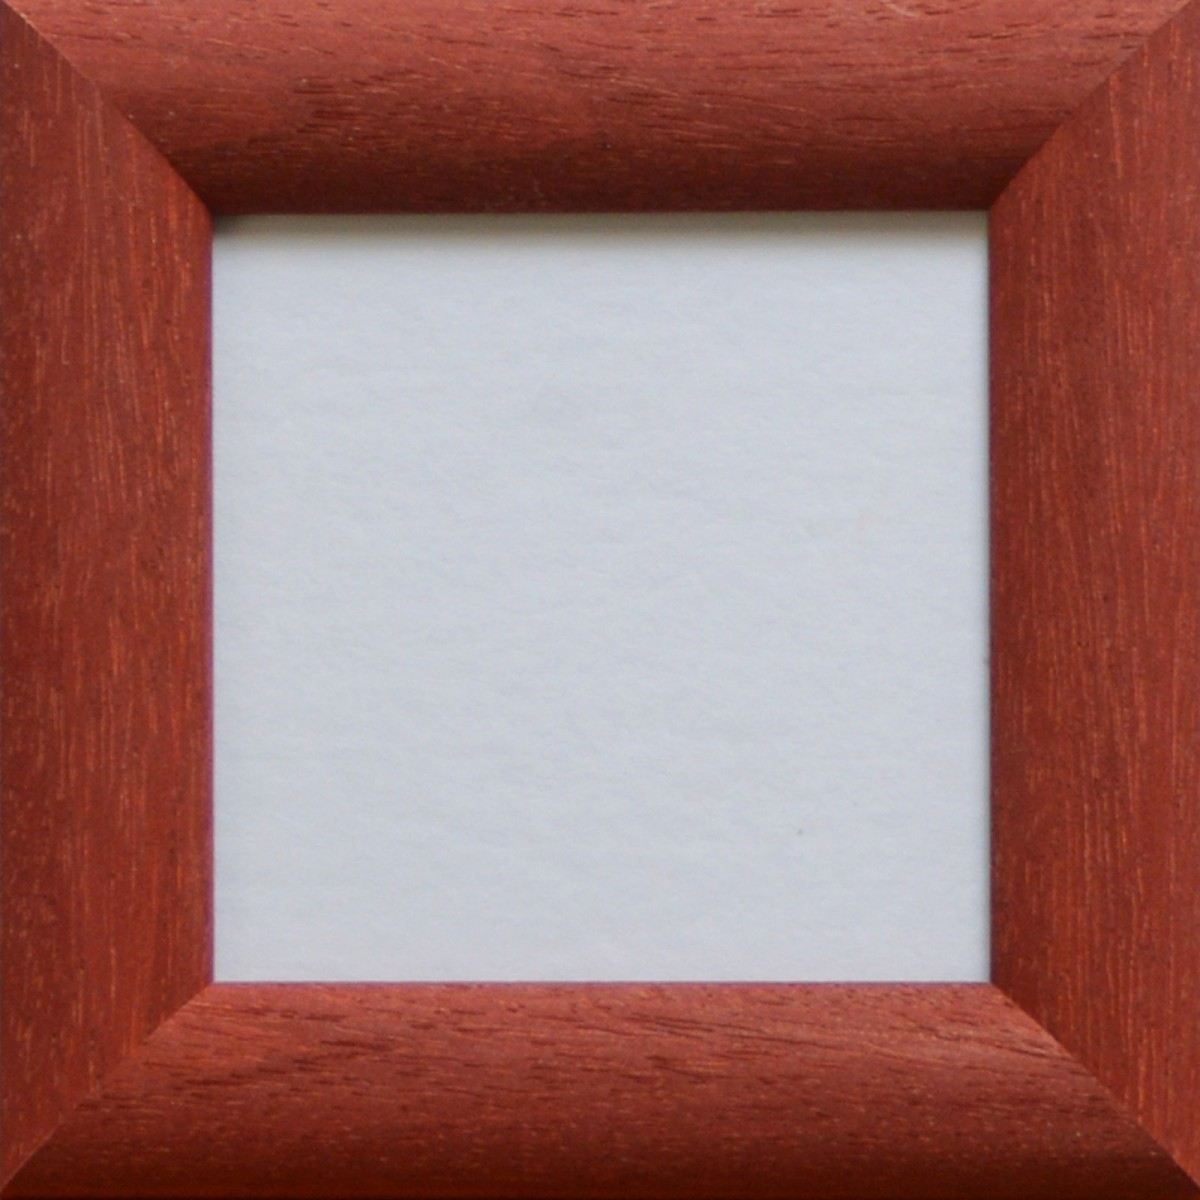 Gruen-Kreativ-Rahmen - Gruen Kunstrahmungen und Galerie